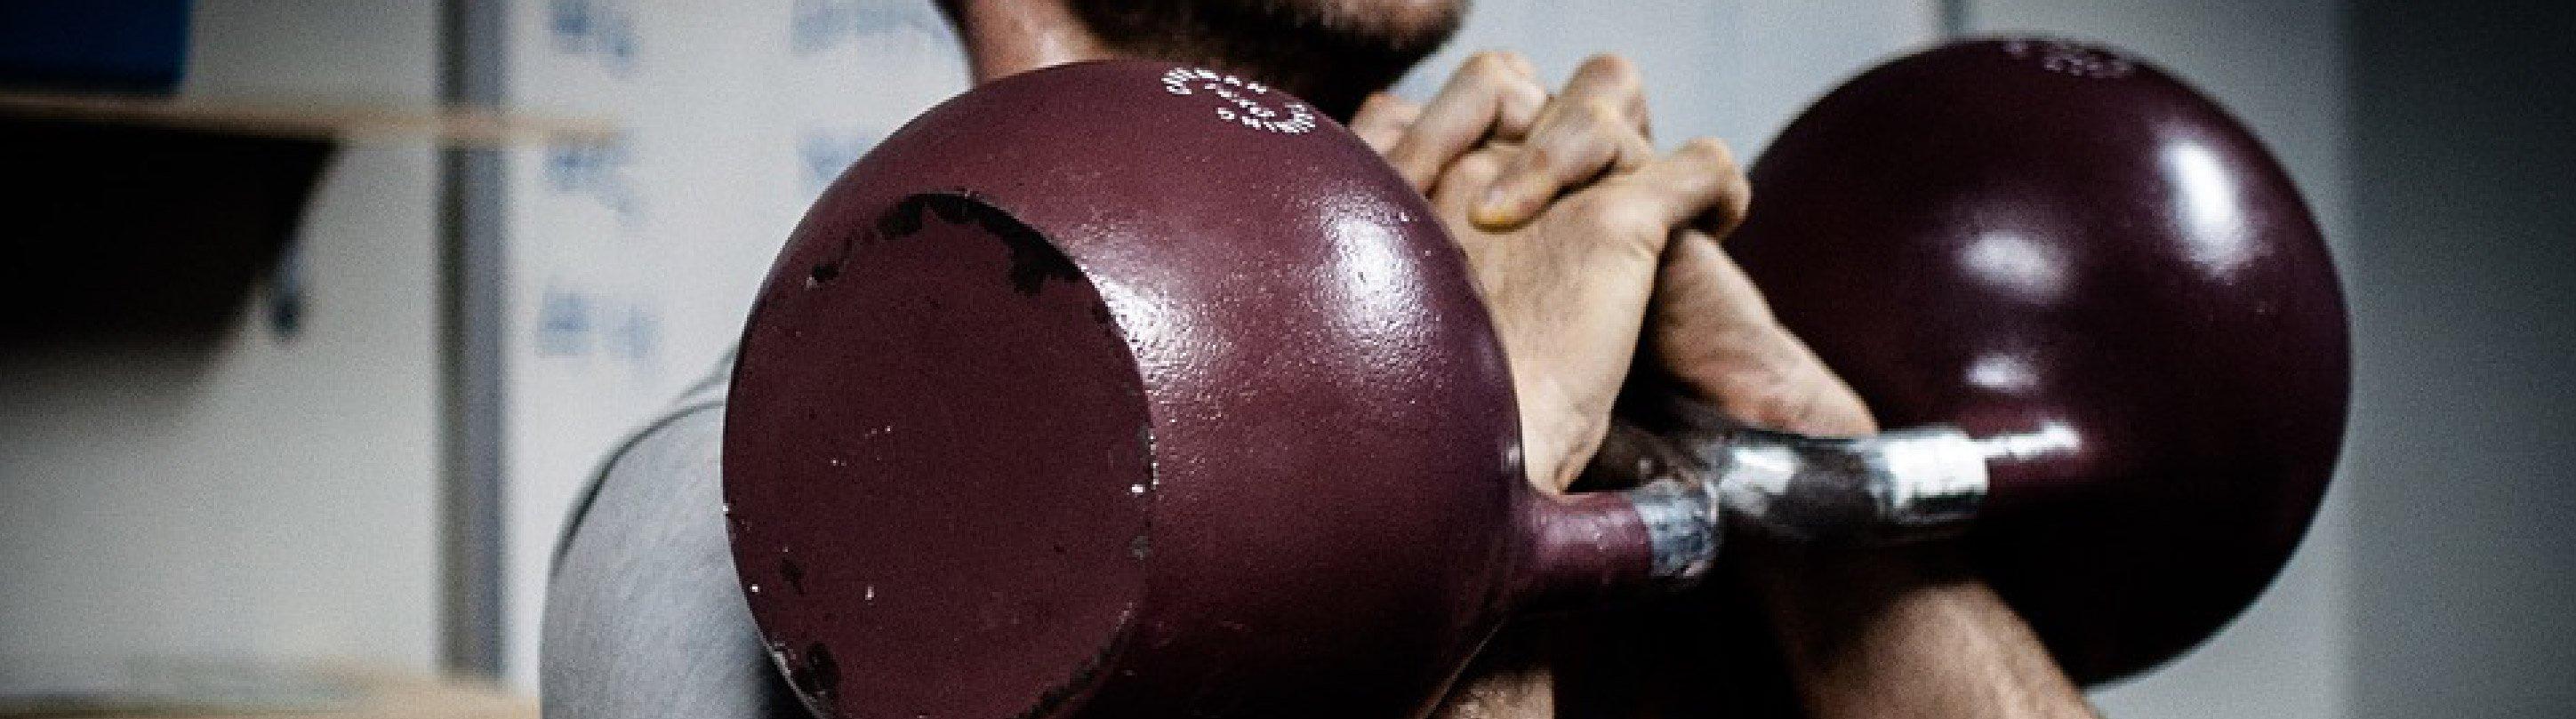 Atividade física é promoção da saúde!